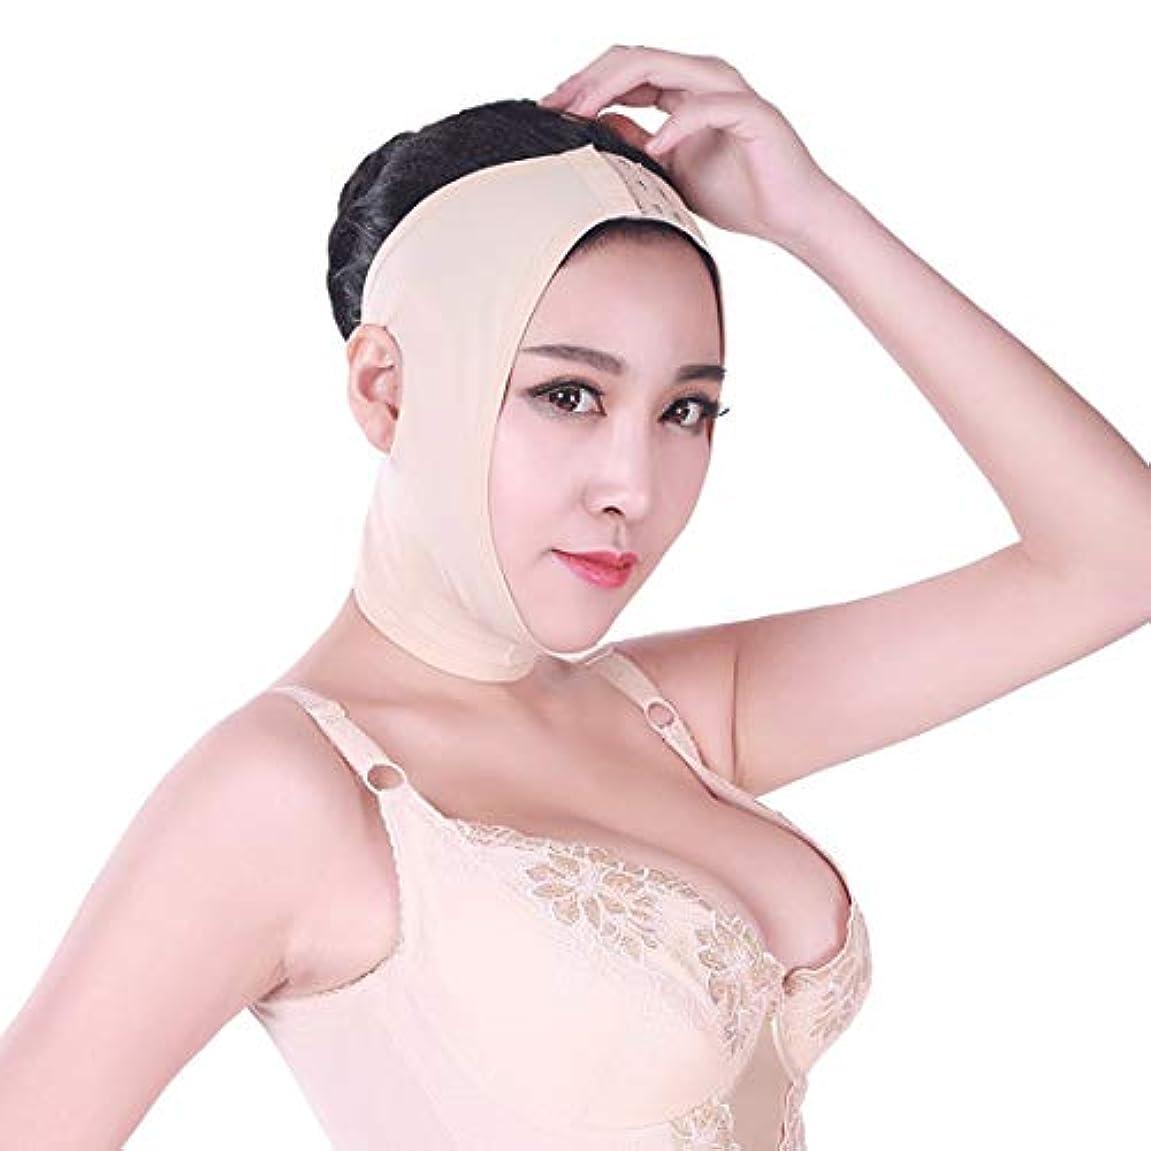 提供された早いスキルZWBD フェイスマスク, 顔の痩身マスク、肌を引き締めるためにVフェイスライン包帯フェイシャルダブルチンリフティングフェイスを持ち上げる (Size : XS)